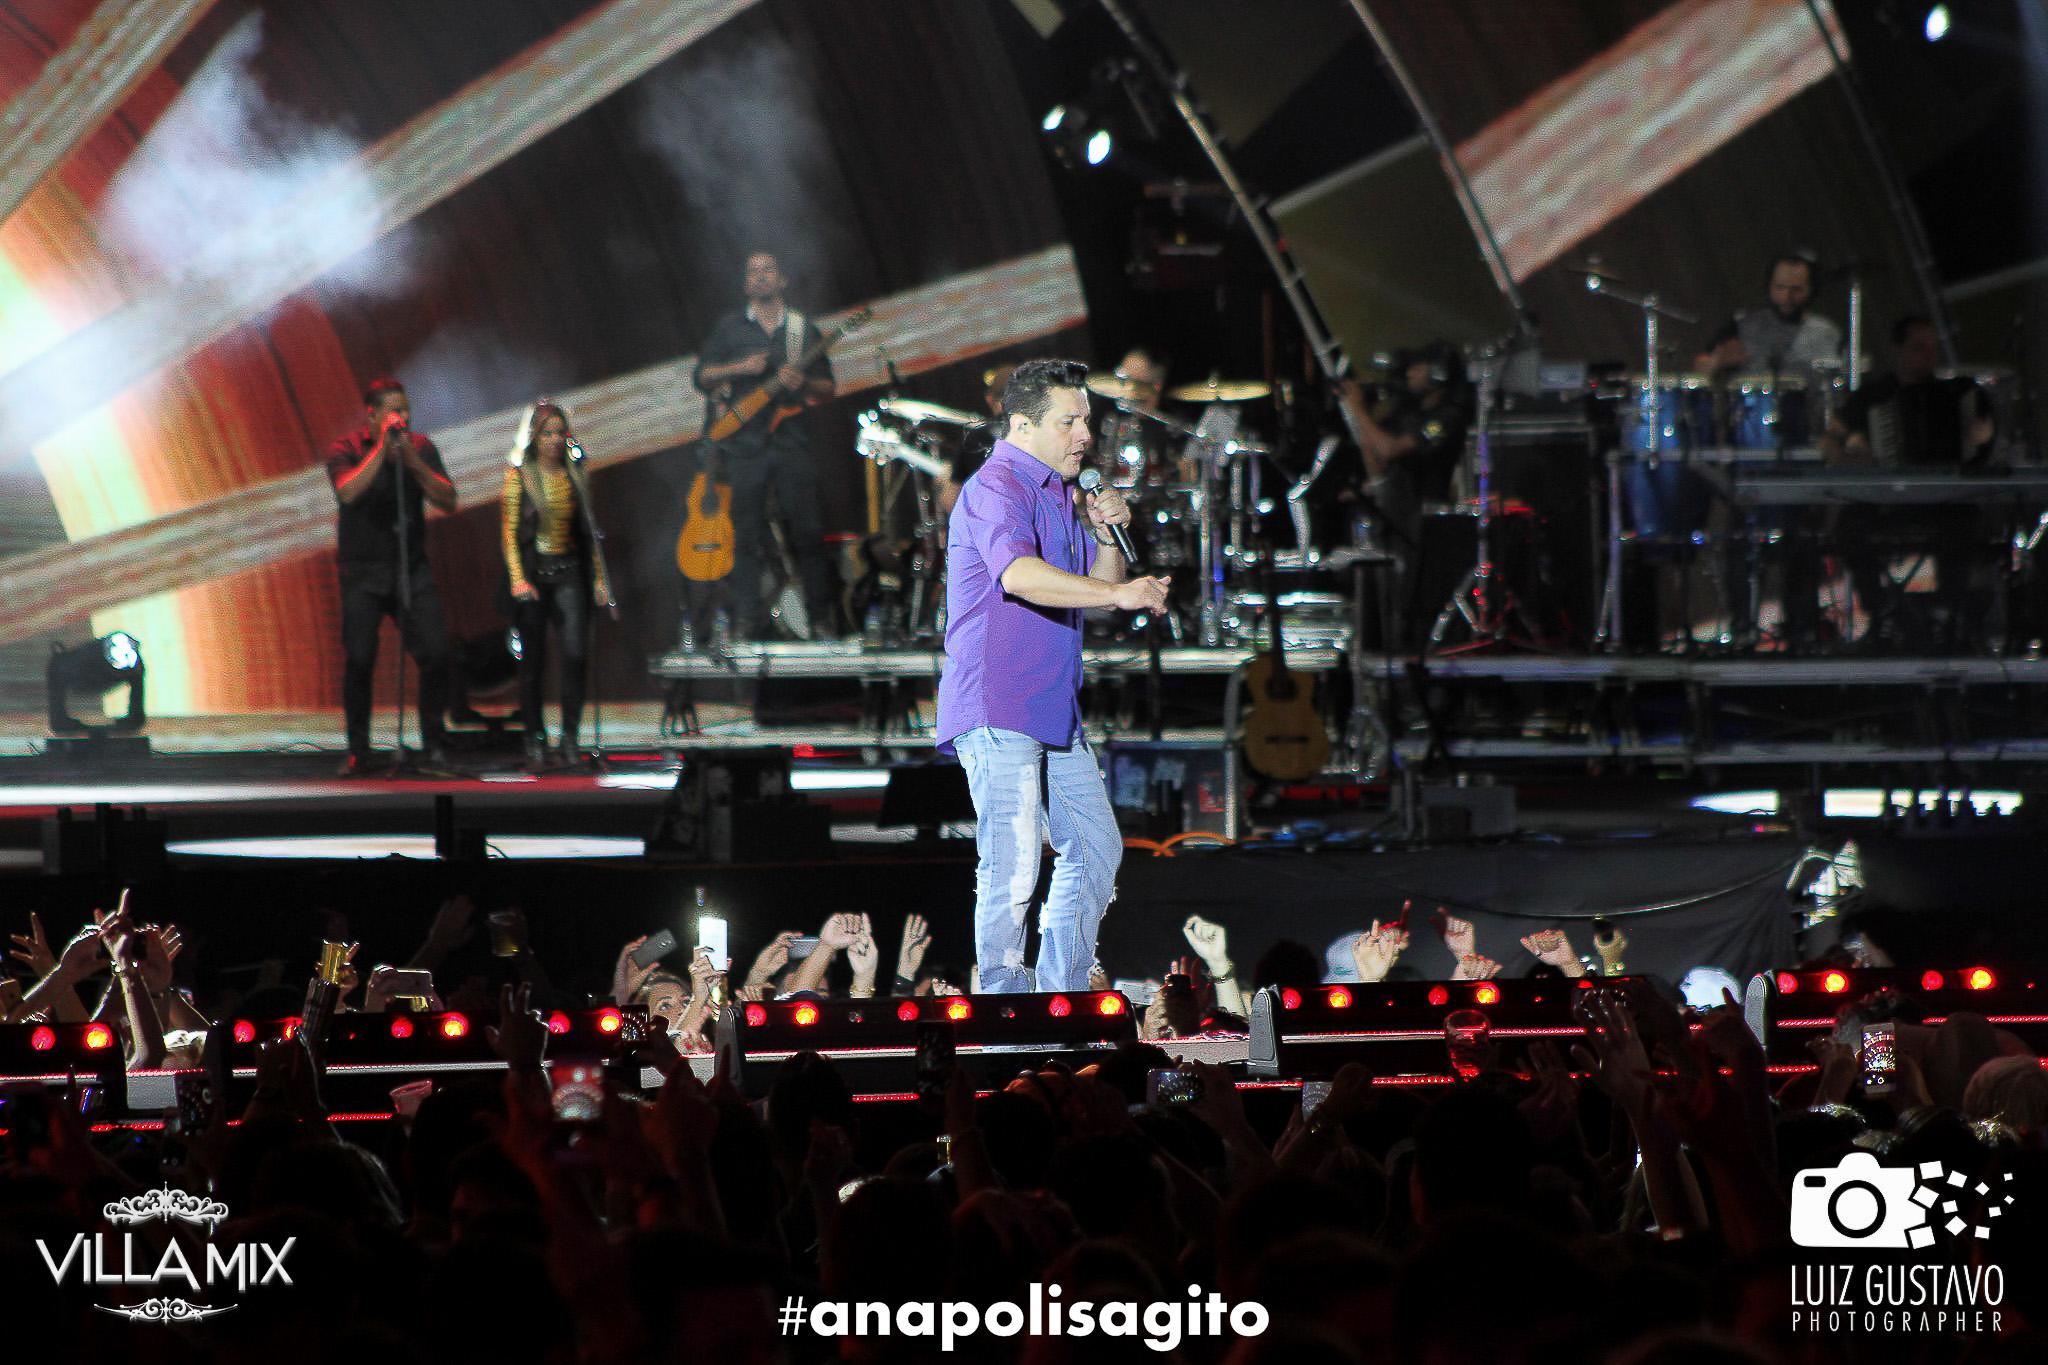 Luiz Gustavo Photographer (136 de 327)